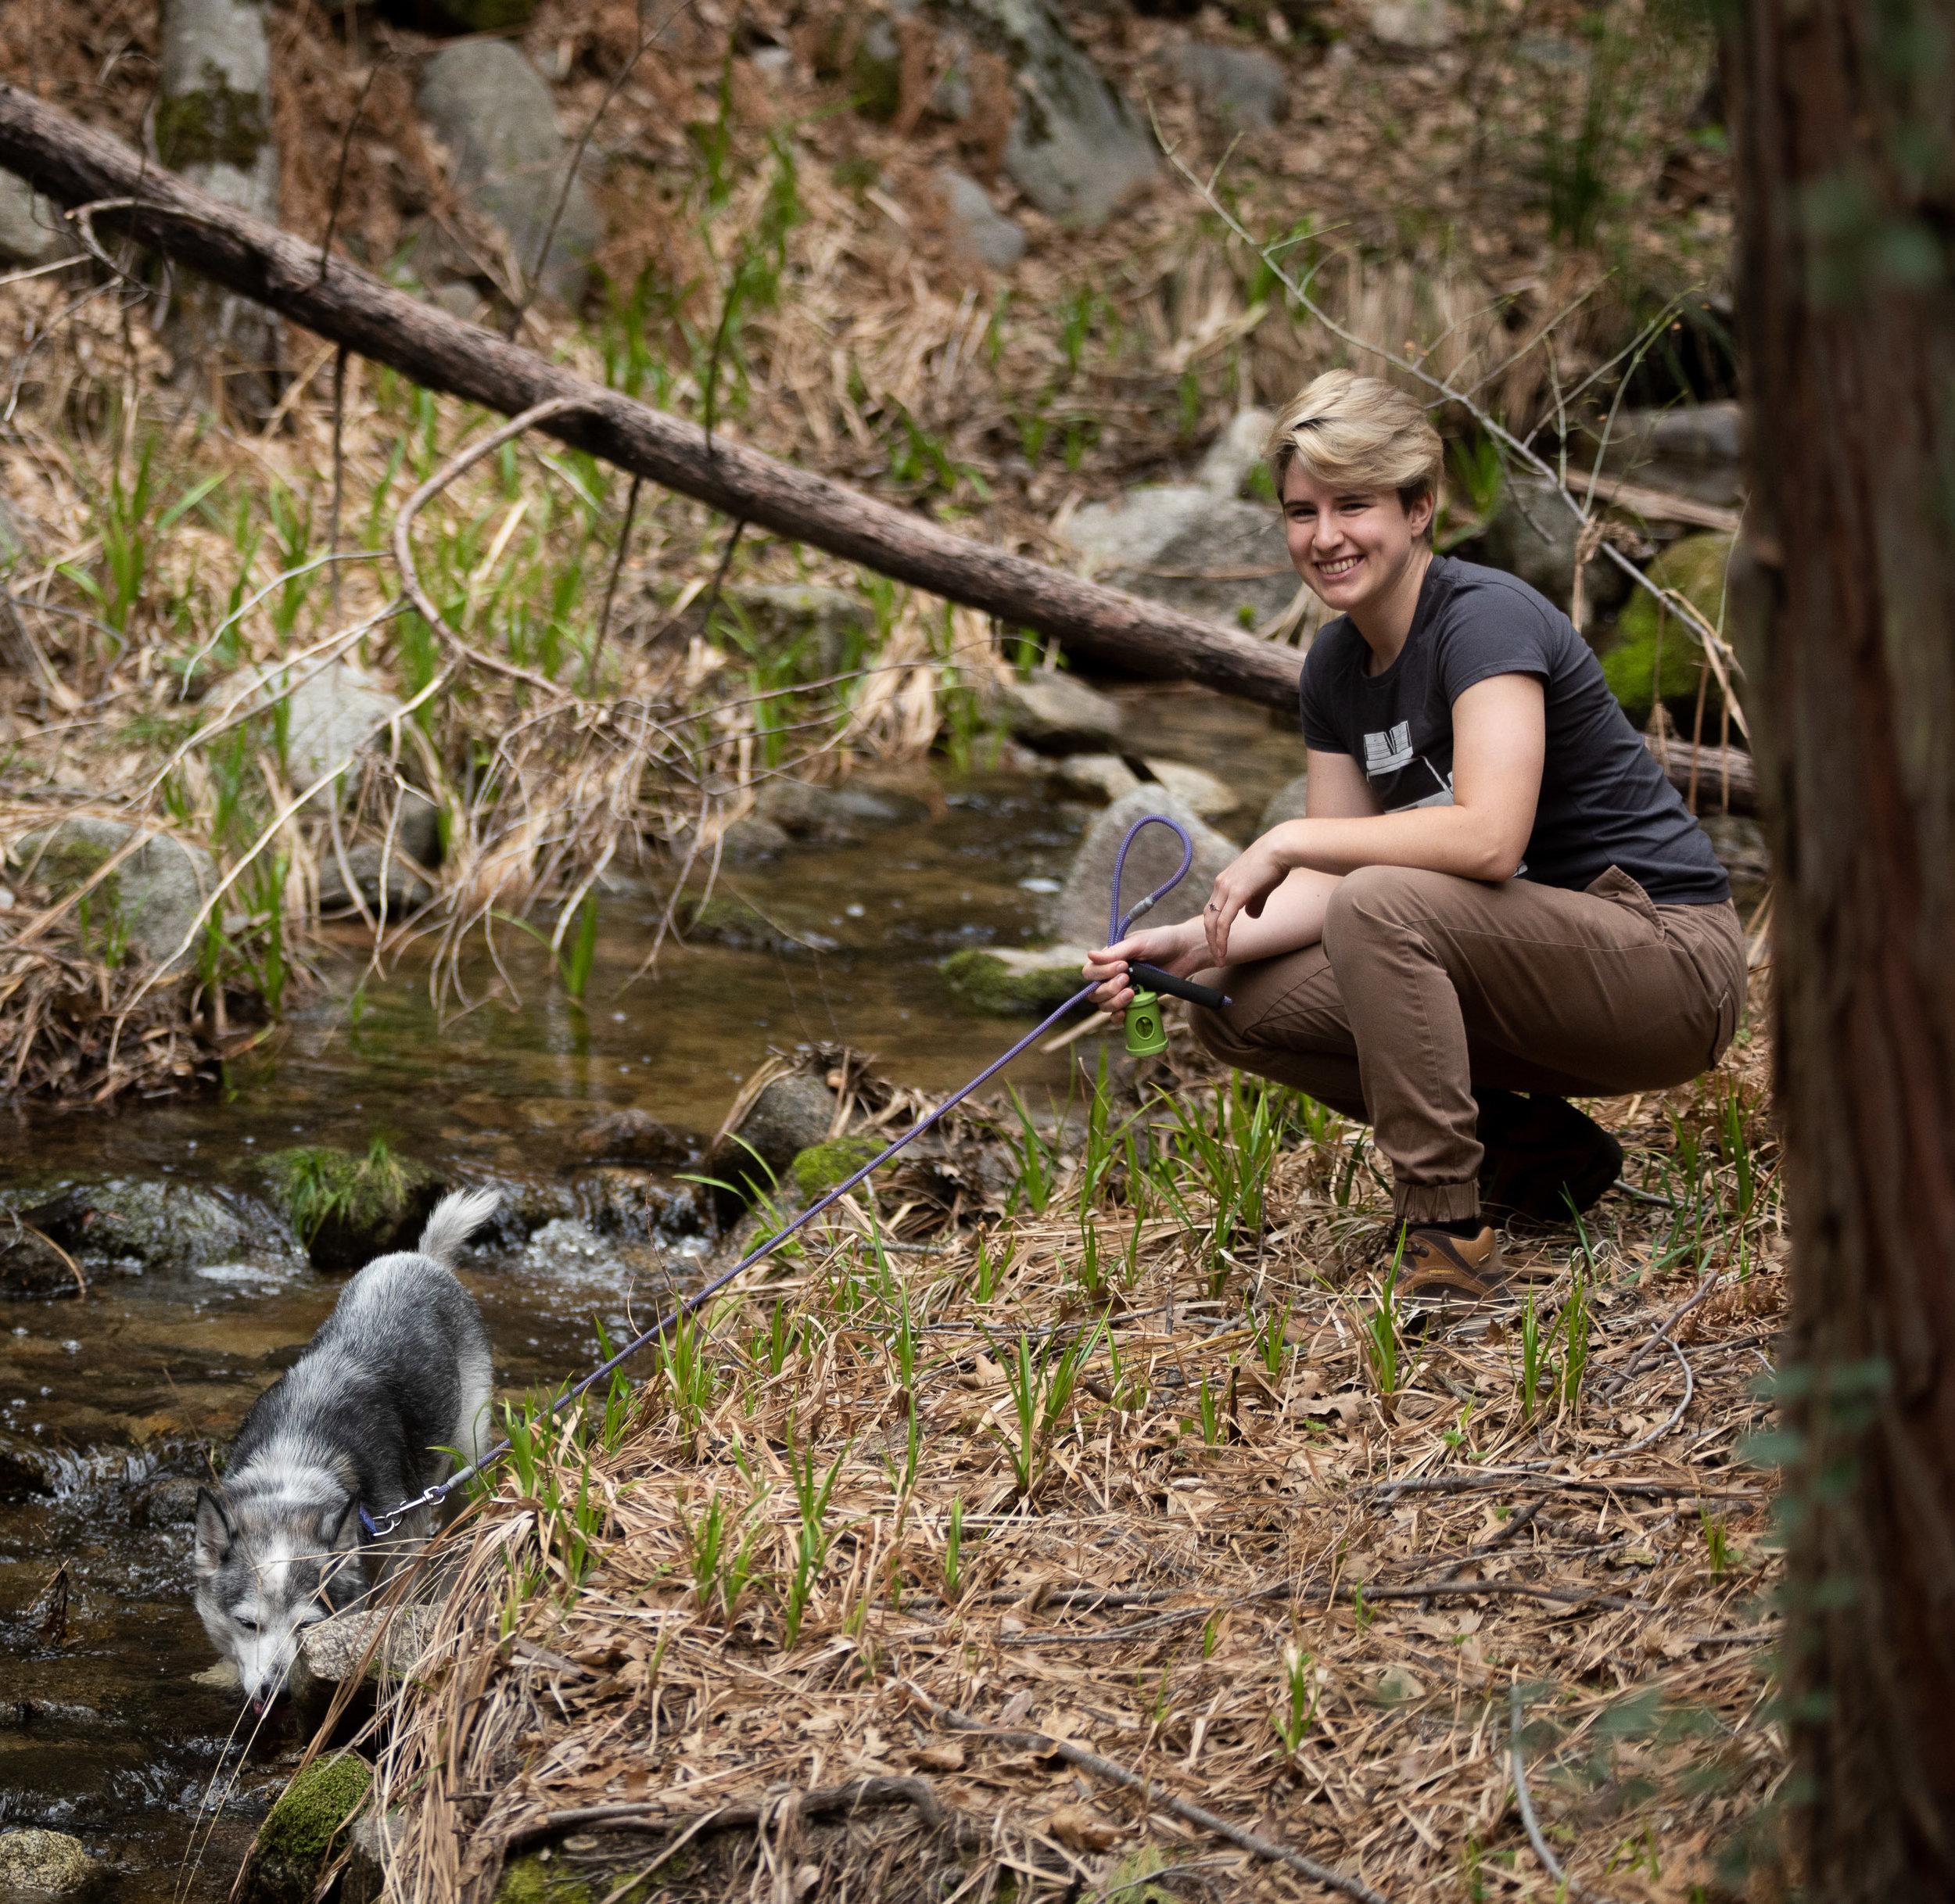 husky-blue-heeler-mix-river-outdoors-idyllwild.jpg